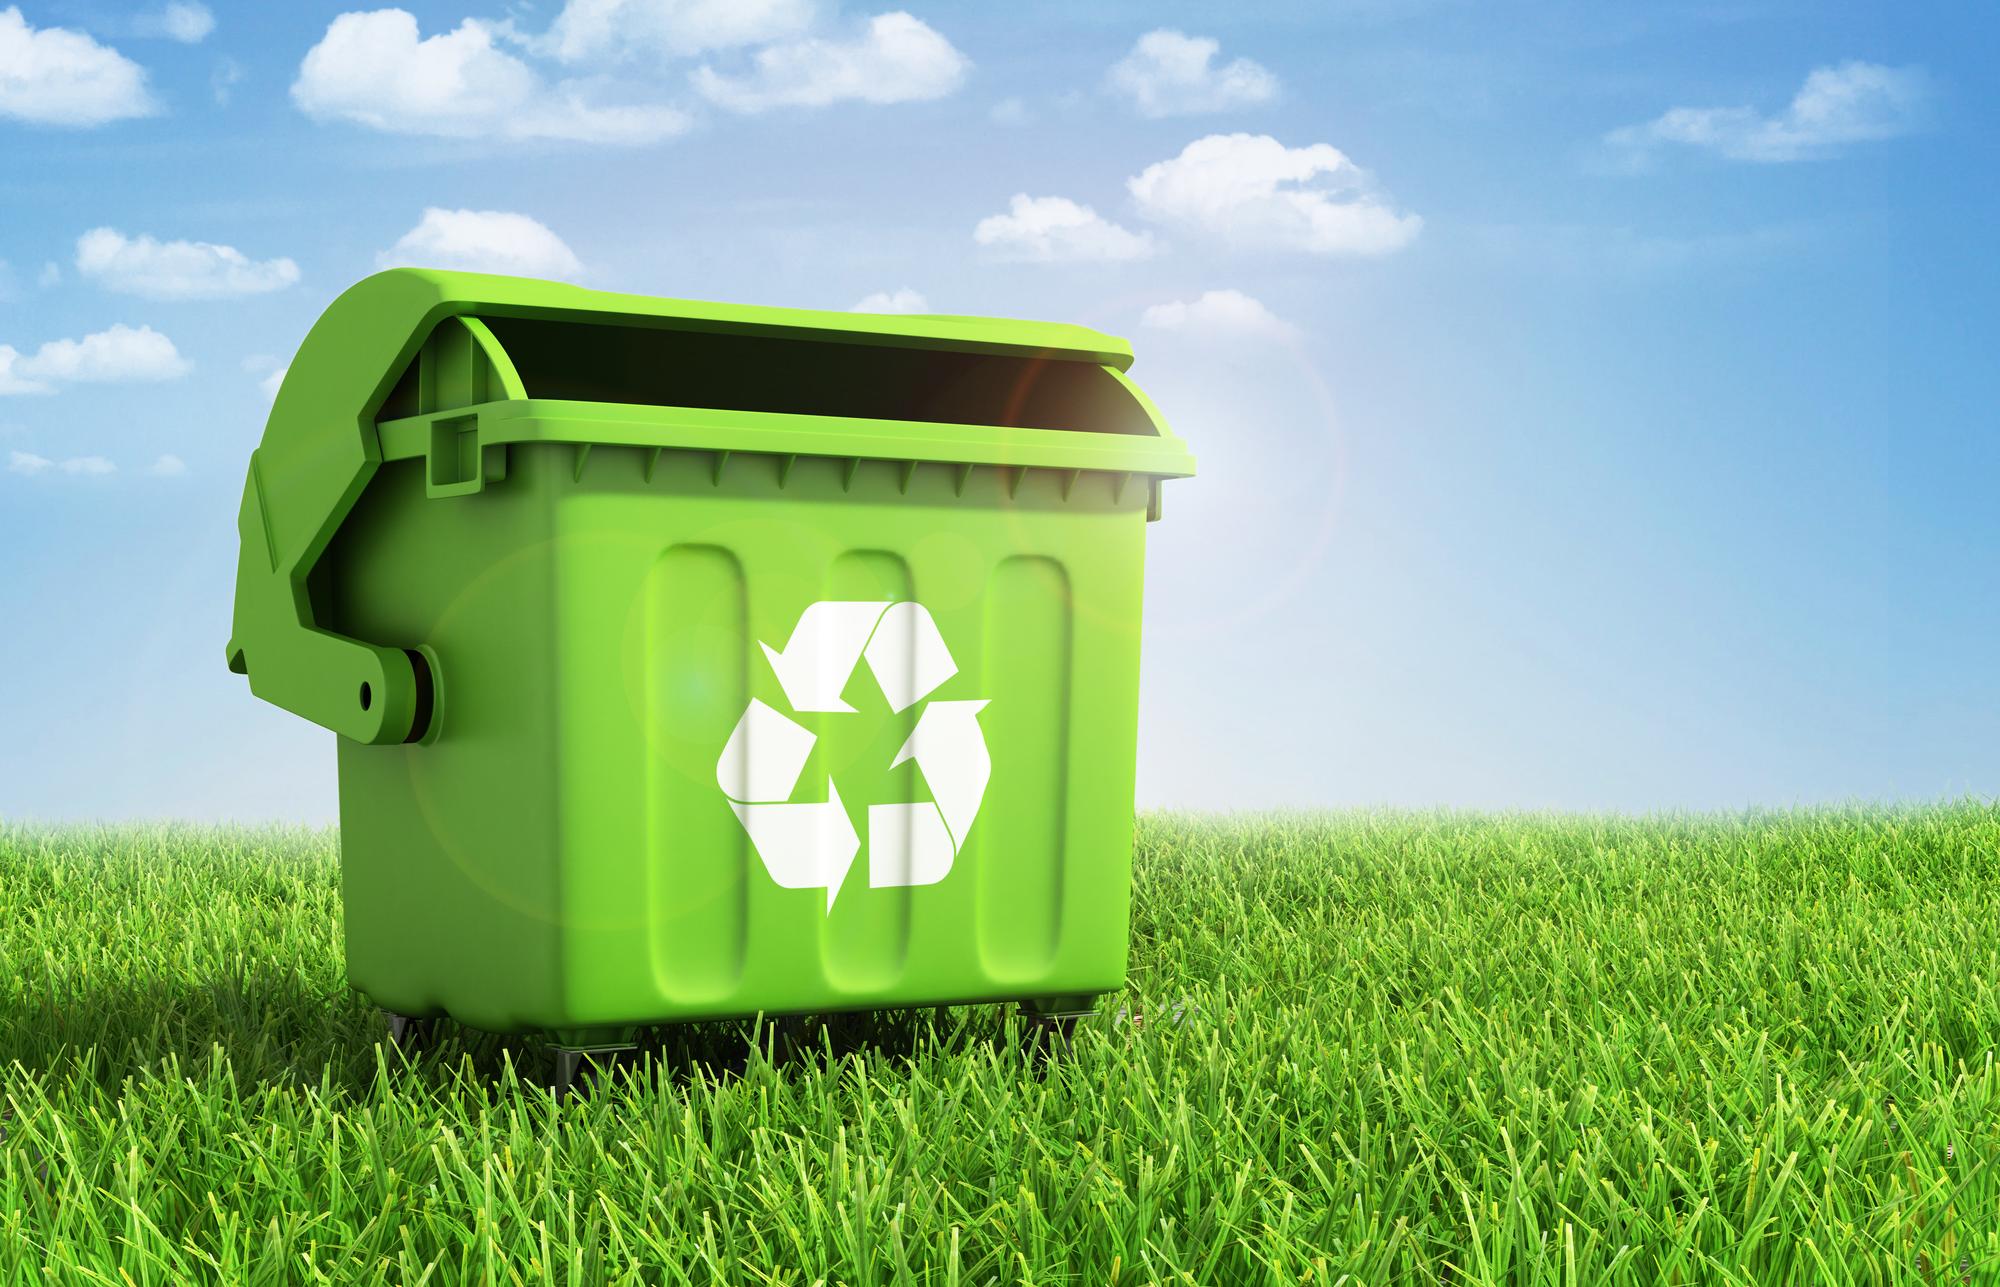 Минприроды подготовило новые правила коммерческого объема твёрдых коммунальных отходов